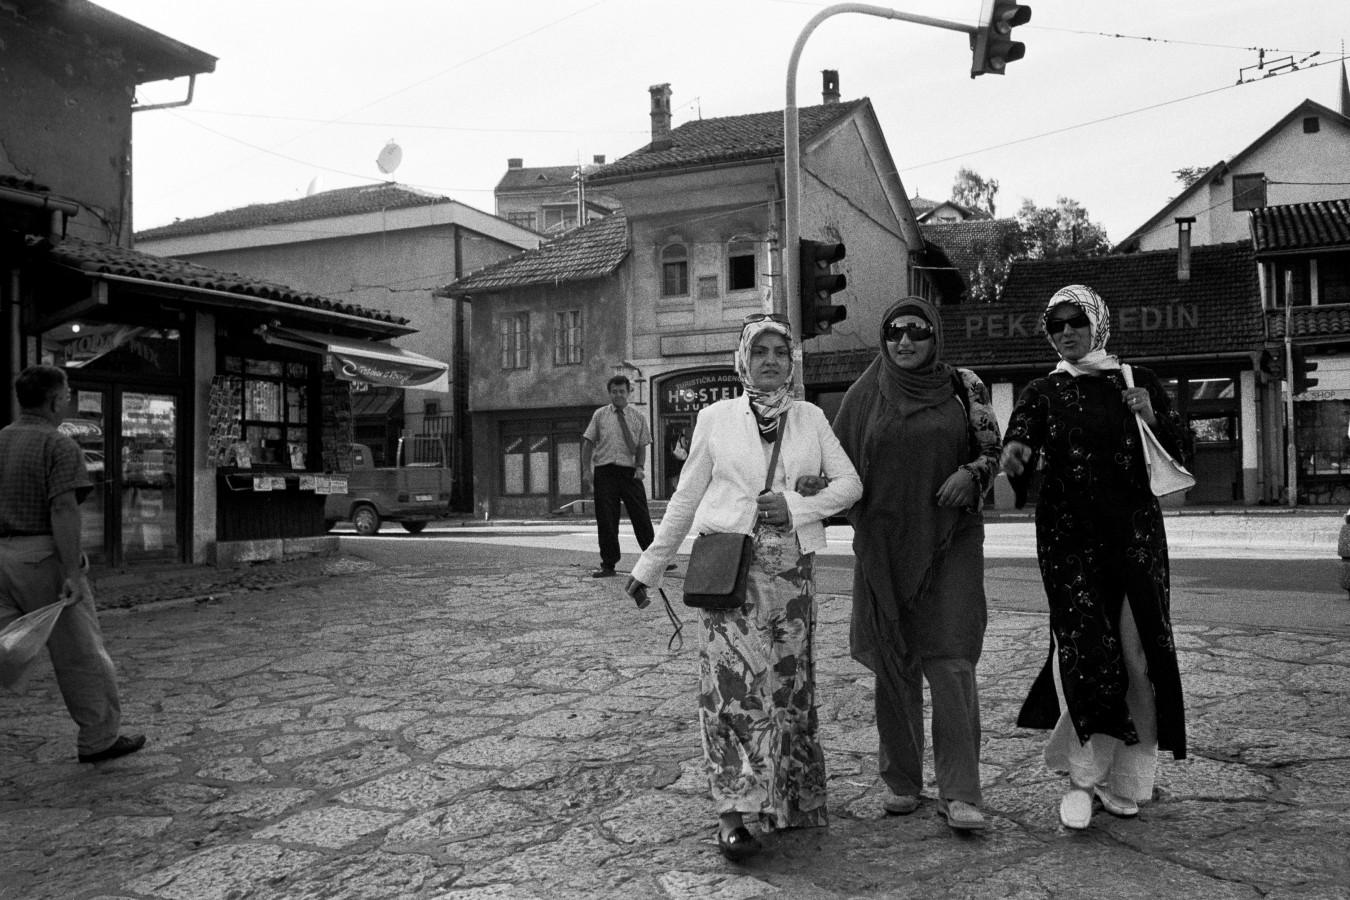 Streetlife Sarajevo